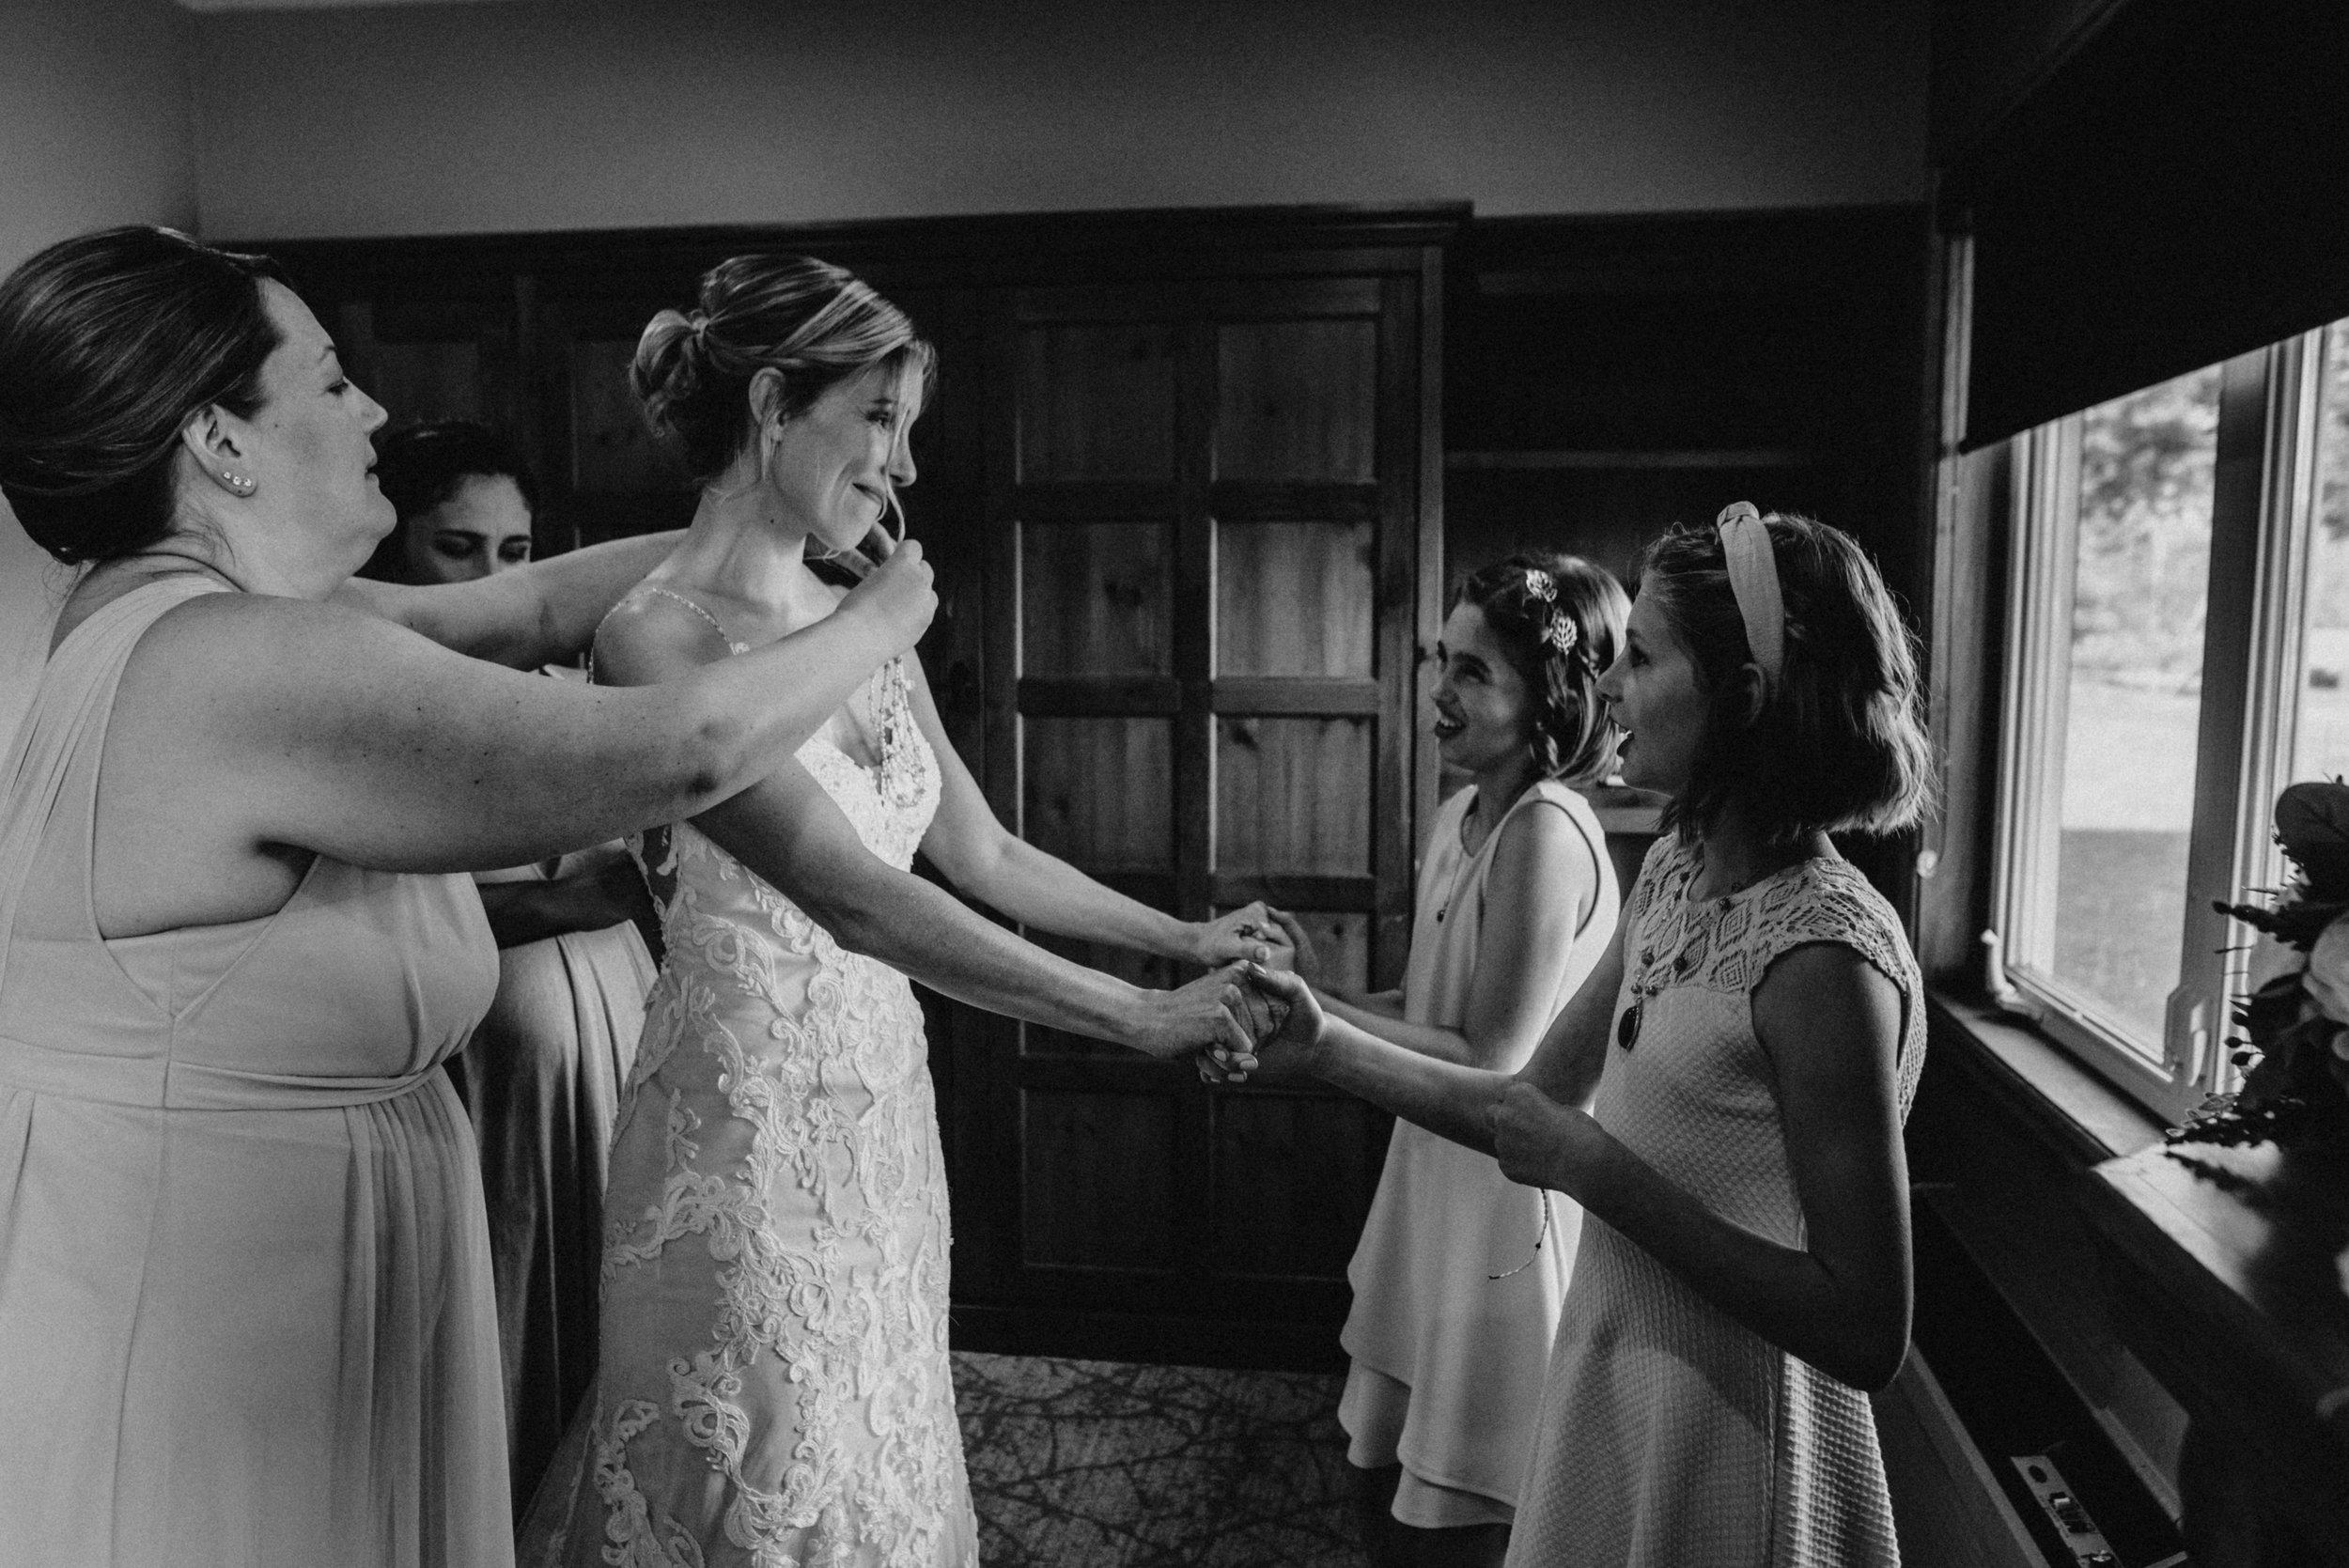 gatineau_photographe_mariage_ottawa_wedding_photography_documentary_candid_unposed_lifestyle_photography_photographie_613_family_famille (23).jpg